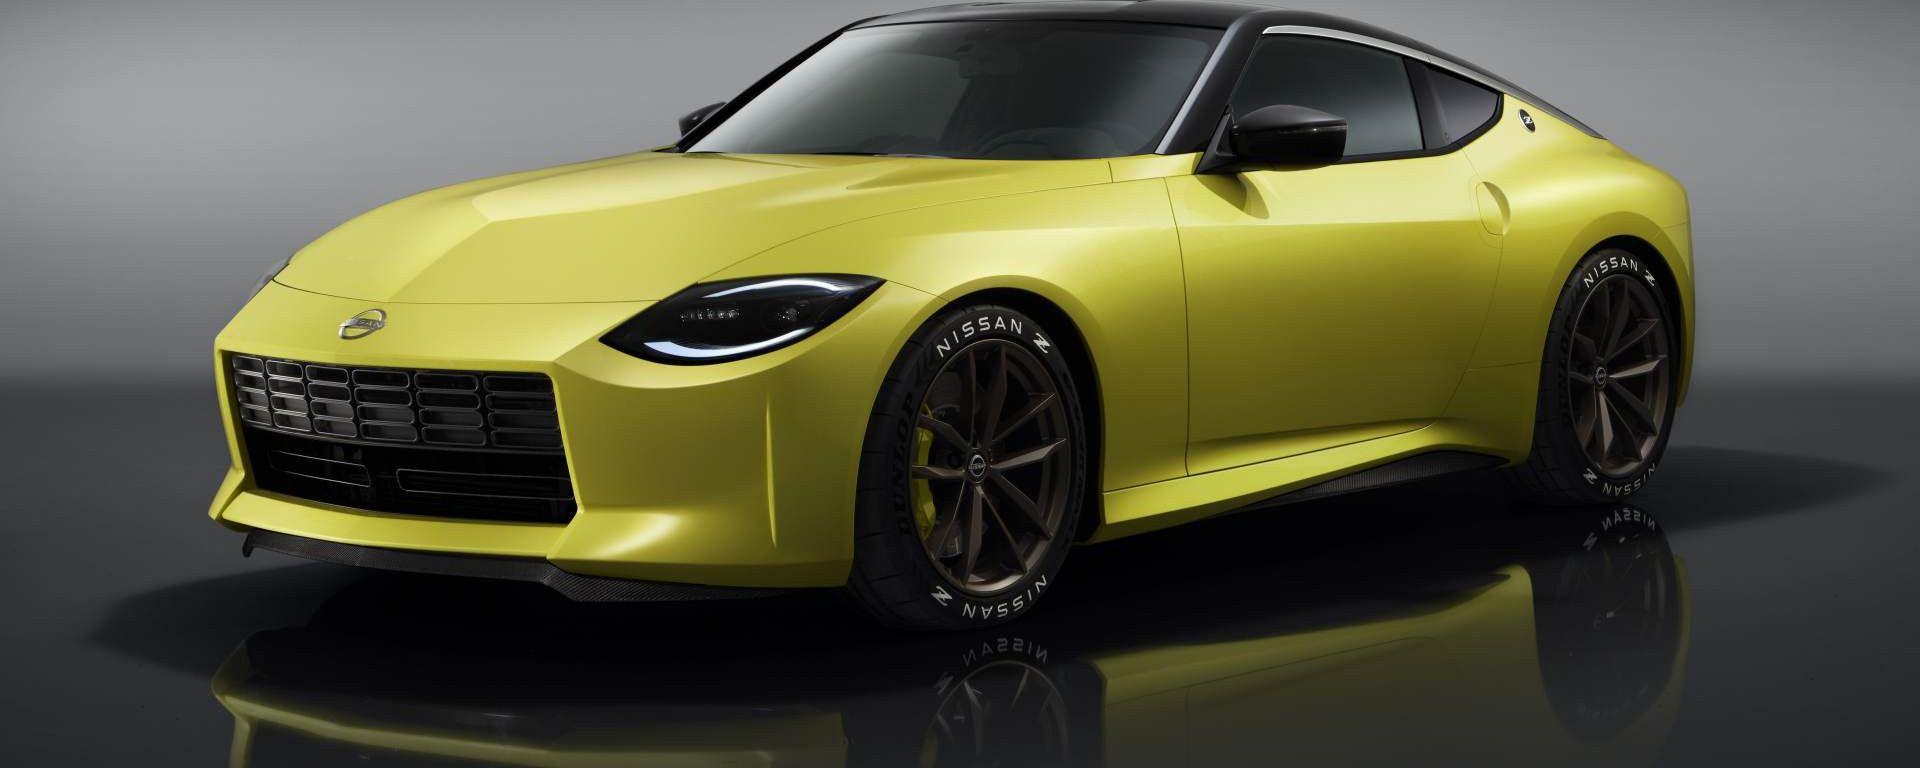 Nuova Nissan Z Proto: il video del prototipo ci mostra esterni e interni